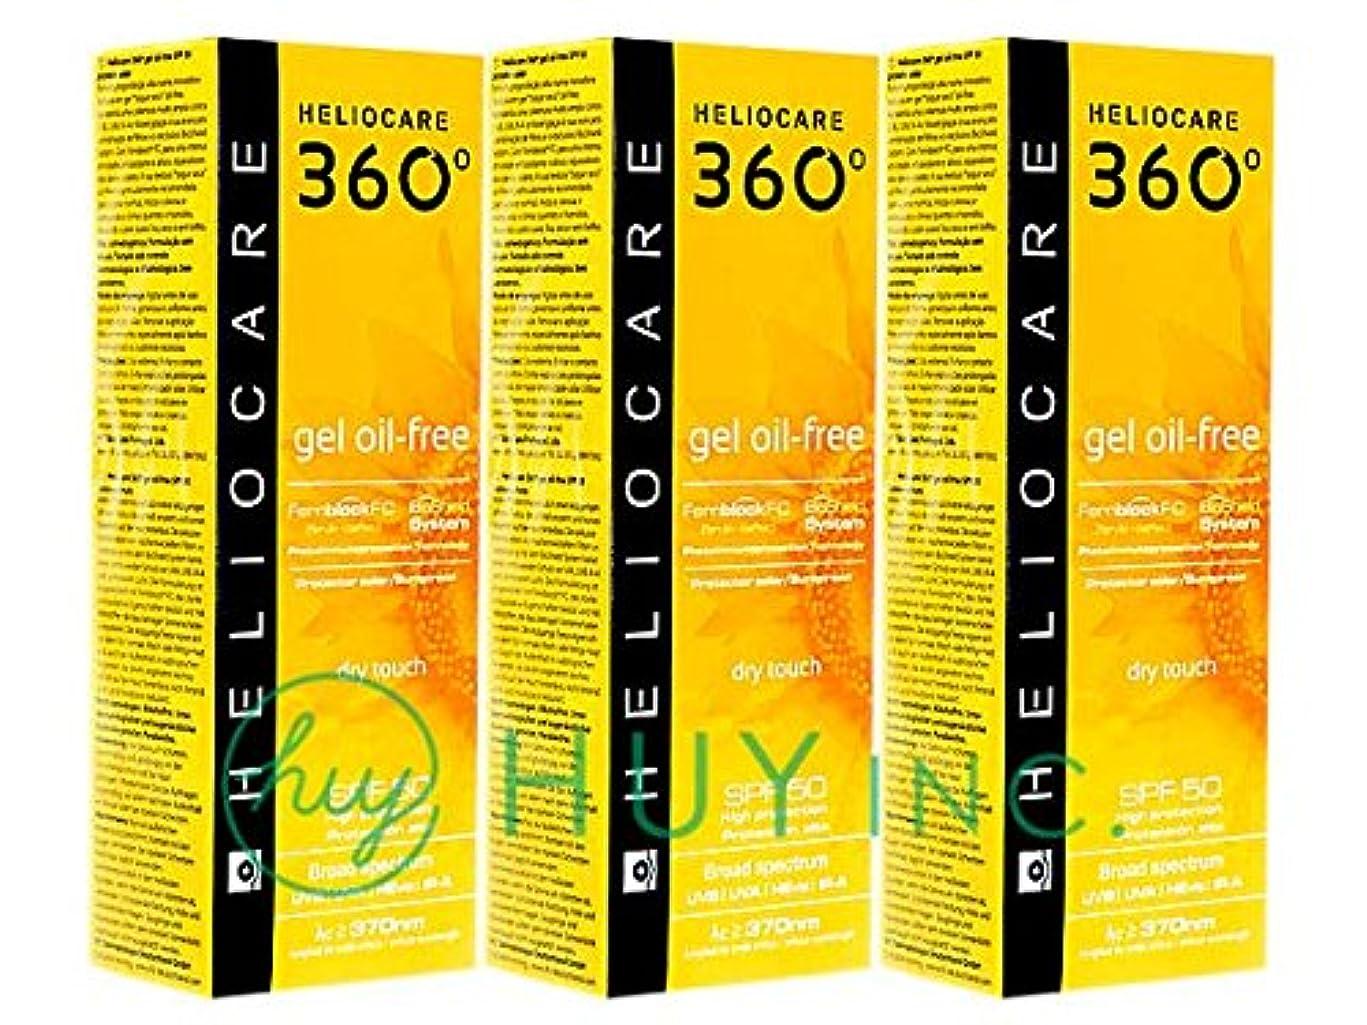 支援する独立してソビエトヘリオケア 360°ジェルオイルフリー(Heliocare360GelOil-Free)SPF50 3ボトル(50ml×3) [並行輸入品]